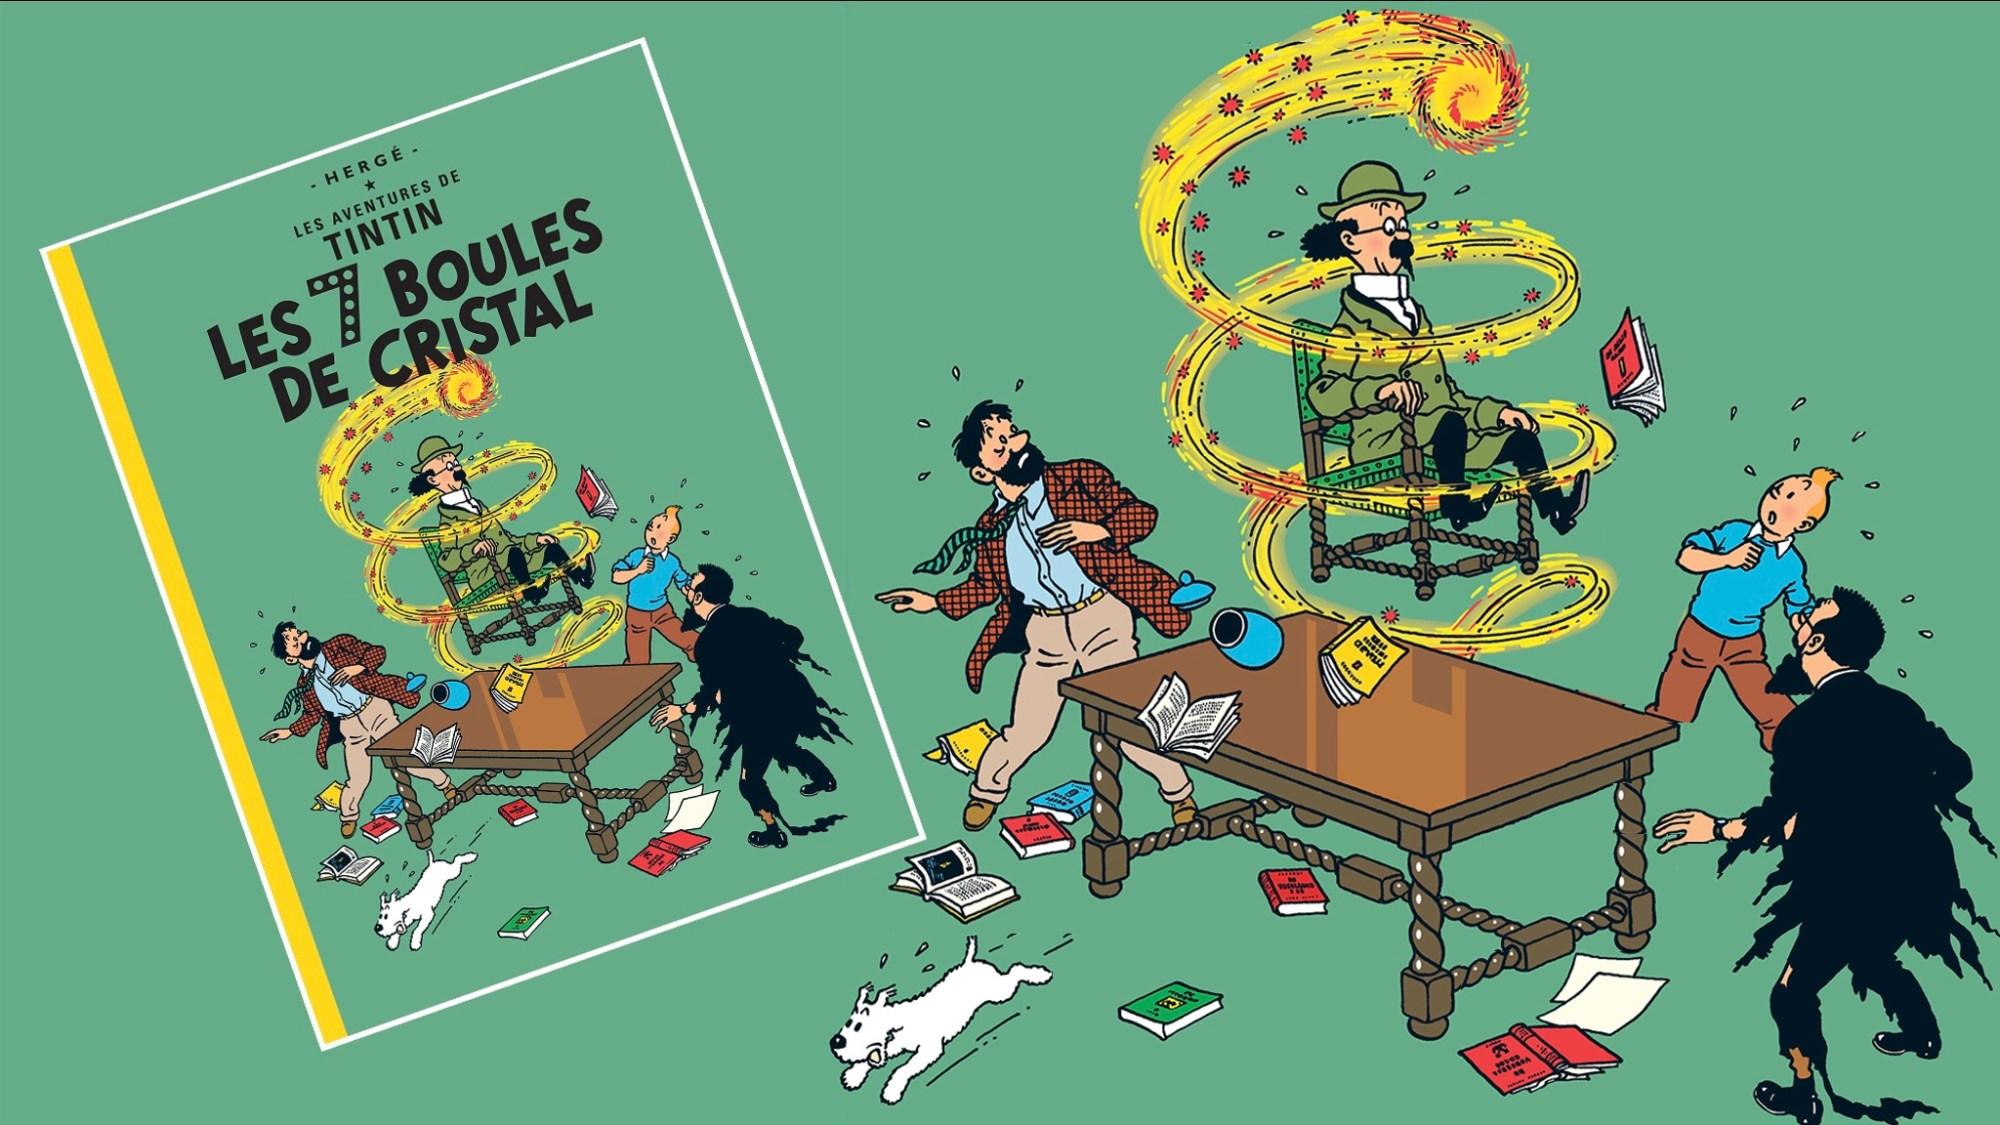 De sju kristallkulorna, med Tintin